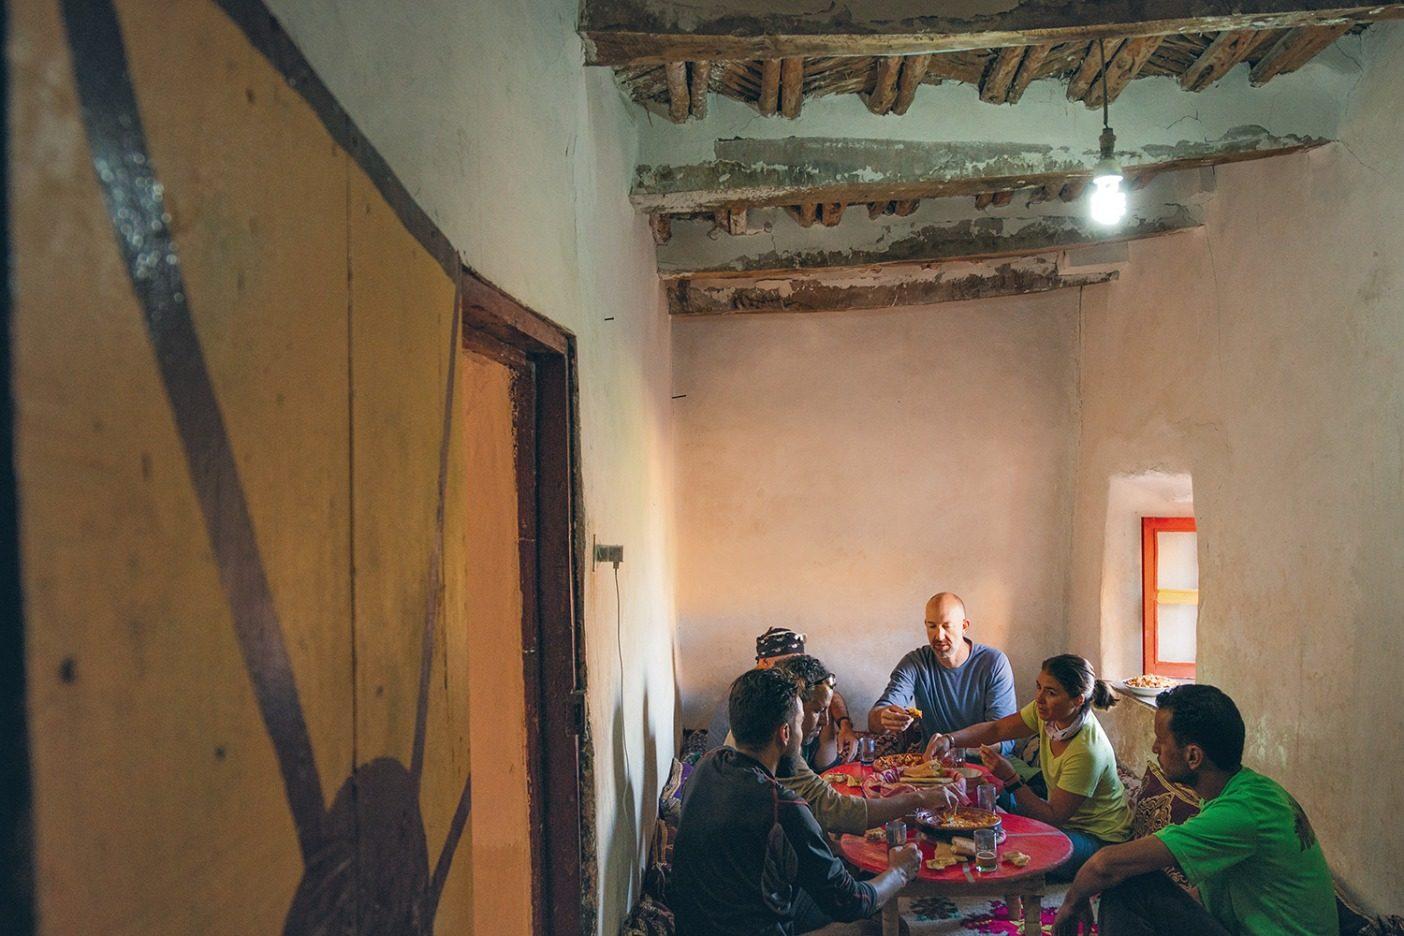 ドゥズルゥの村をライディング中、ハミード・アシュトゥクが自宅での朝食にチームを招き、タジンと呼ばれる円錐形の土鍋に入った卵とトマトと タマネギのシチュー「アマジグ流オムレツ」でもてなしてくれた。Photo: Leslie Kehmeier